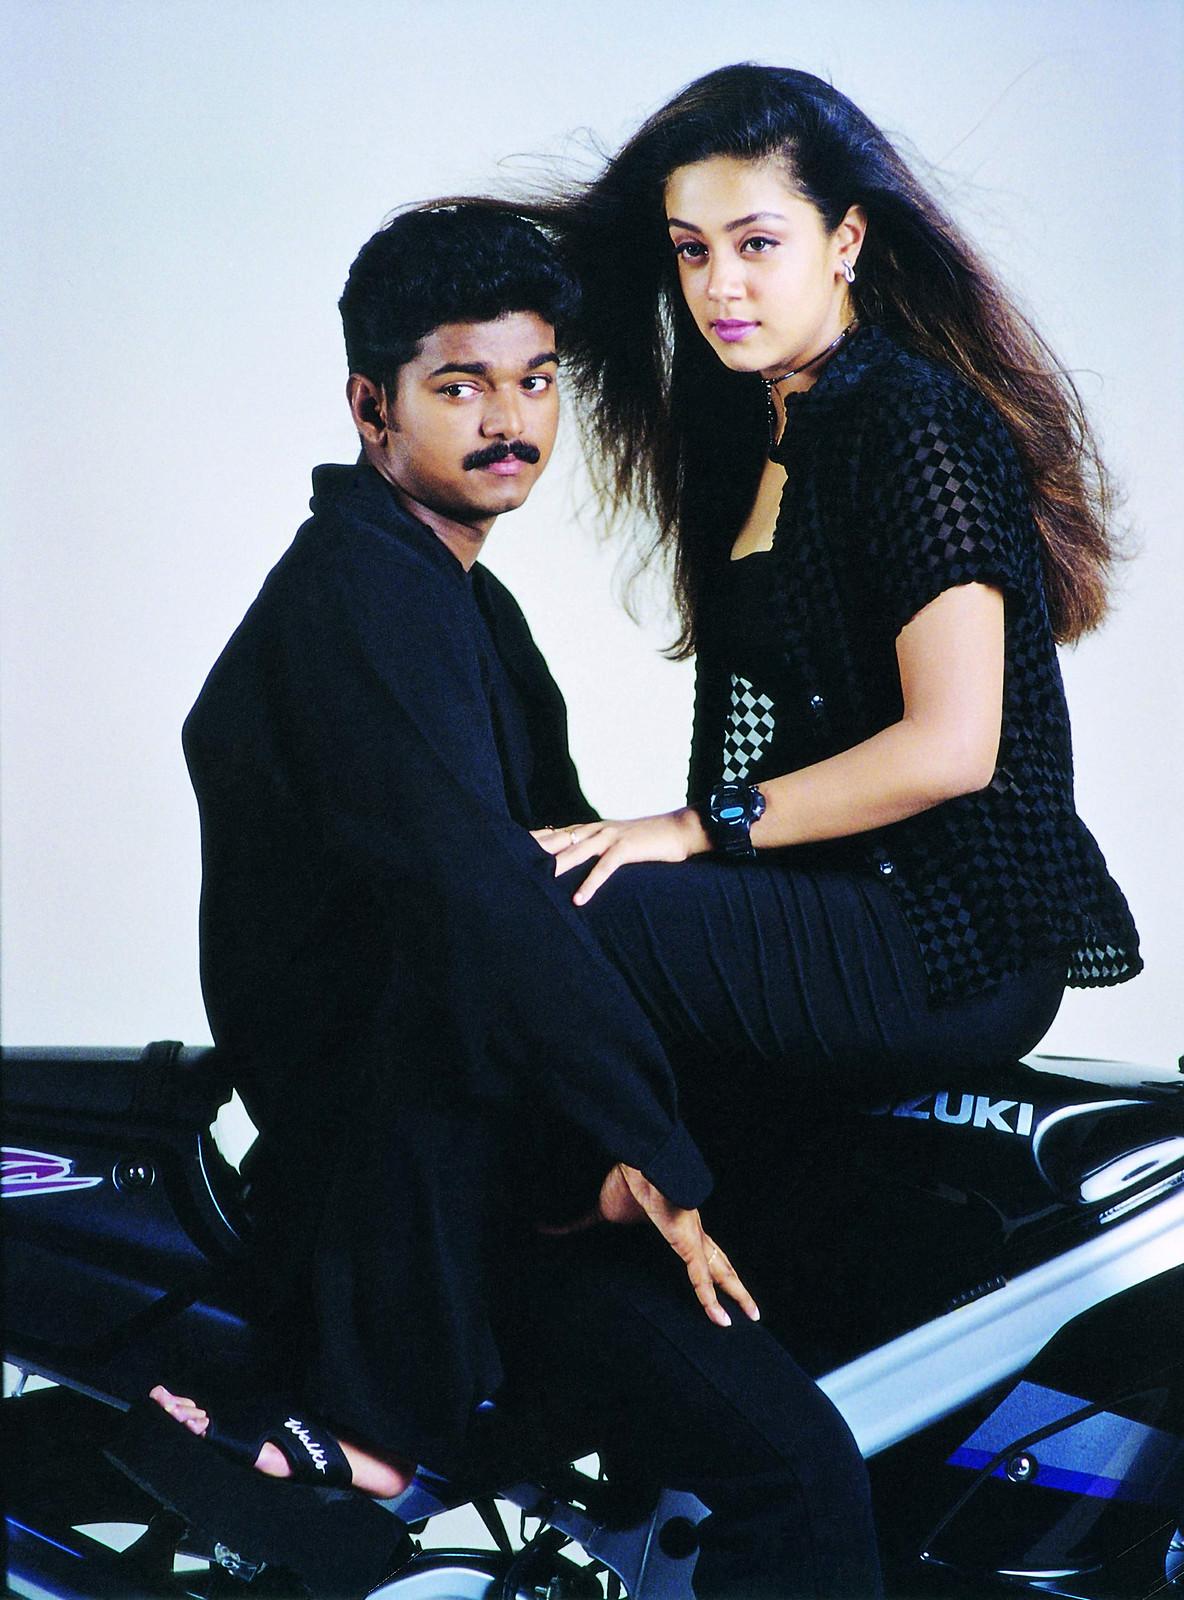 Thalapathy Vijay and Jyothika in Kushi